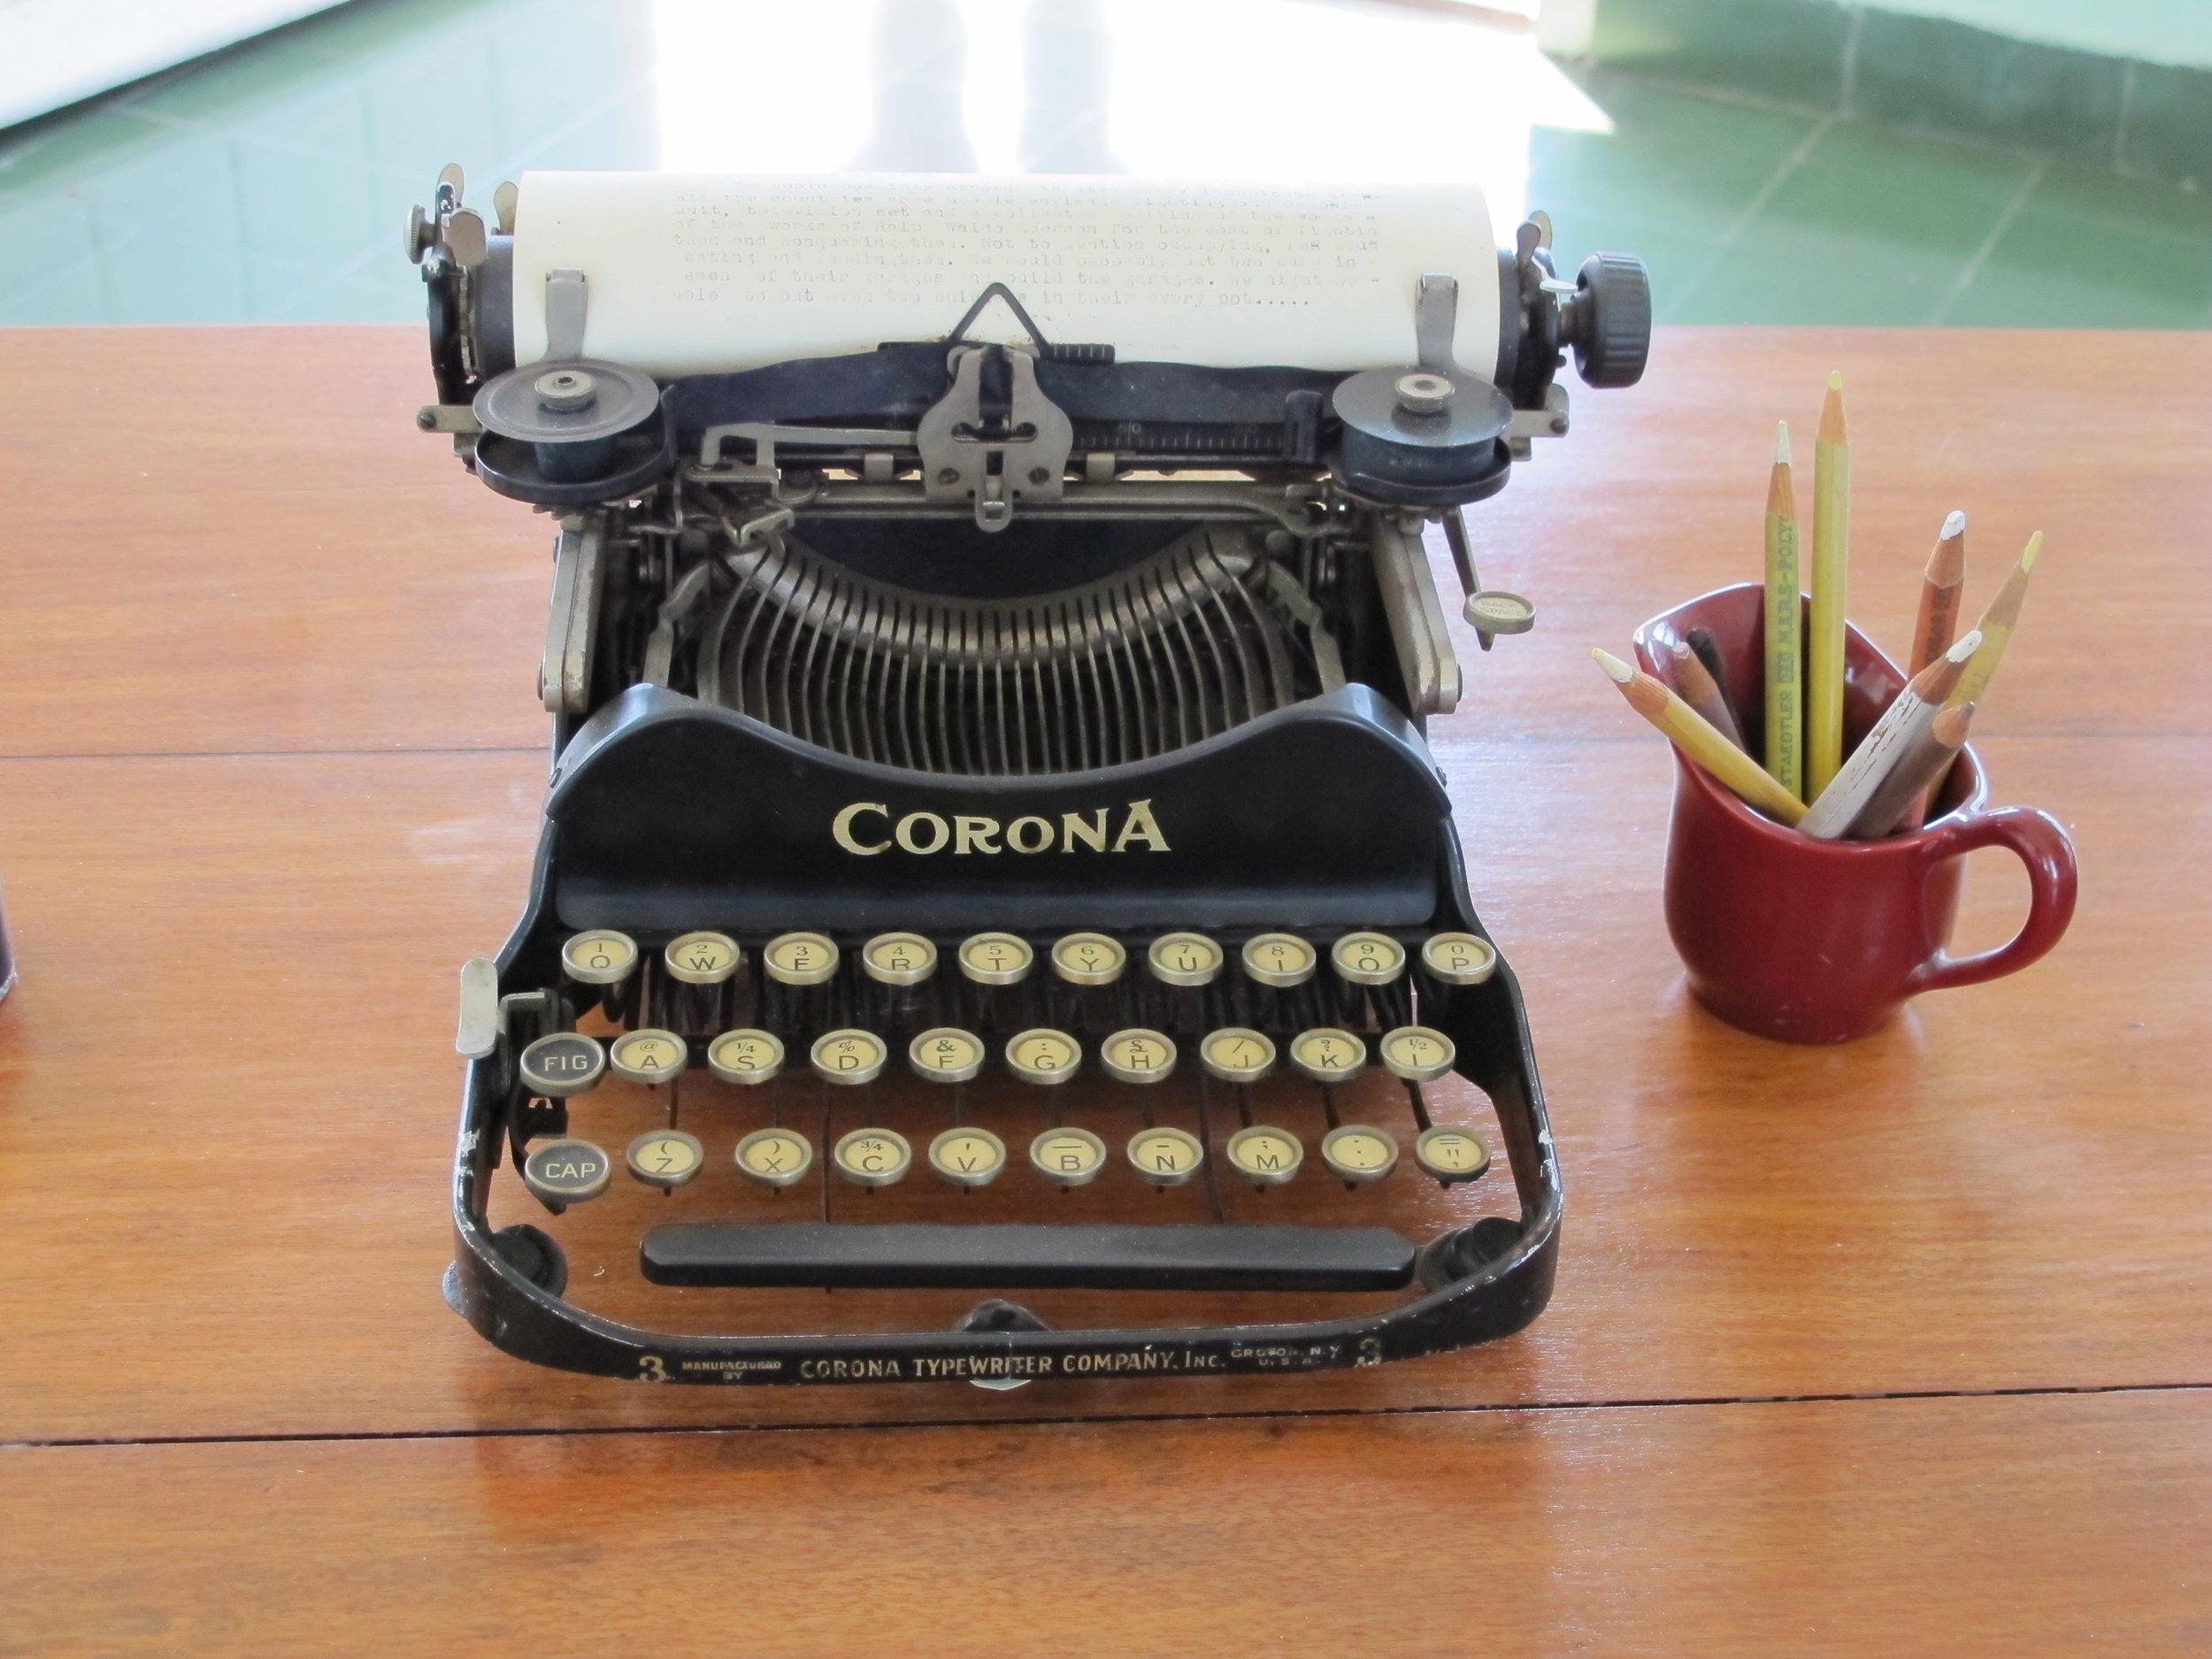 Hemingway's typewriter - Cuba